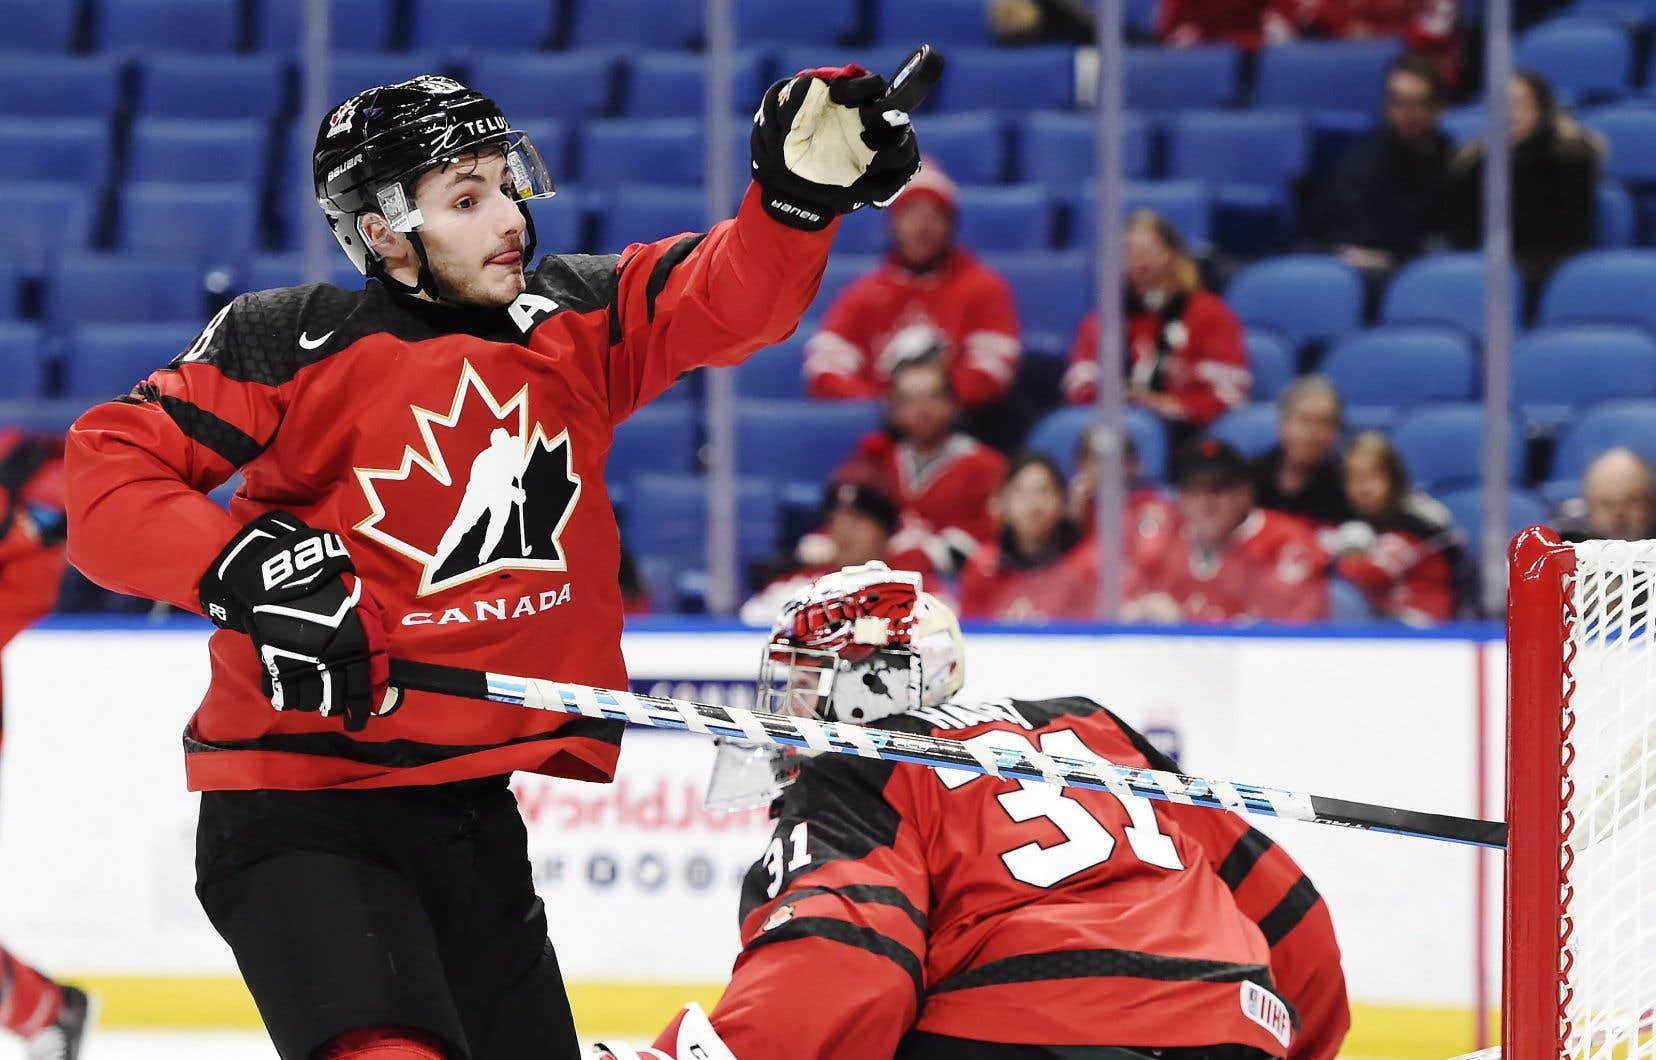 Victor Mete lors du match du Canada contre la République tchèque au Championnat mondial de hockey junior, le 4 janvier dernier